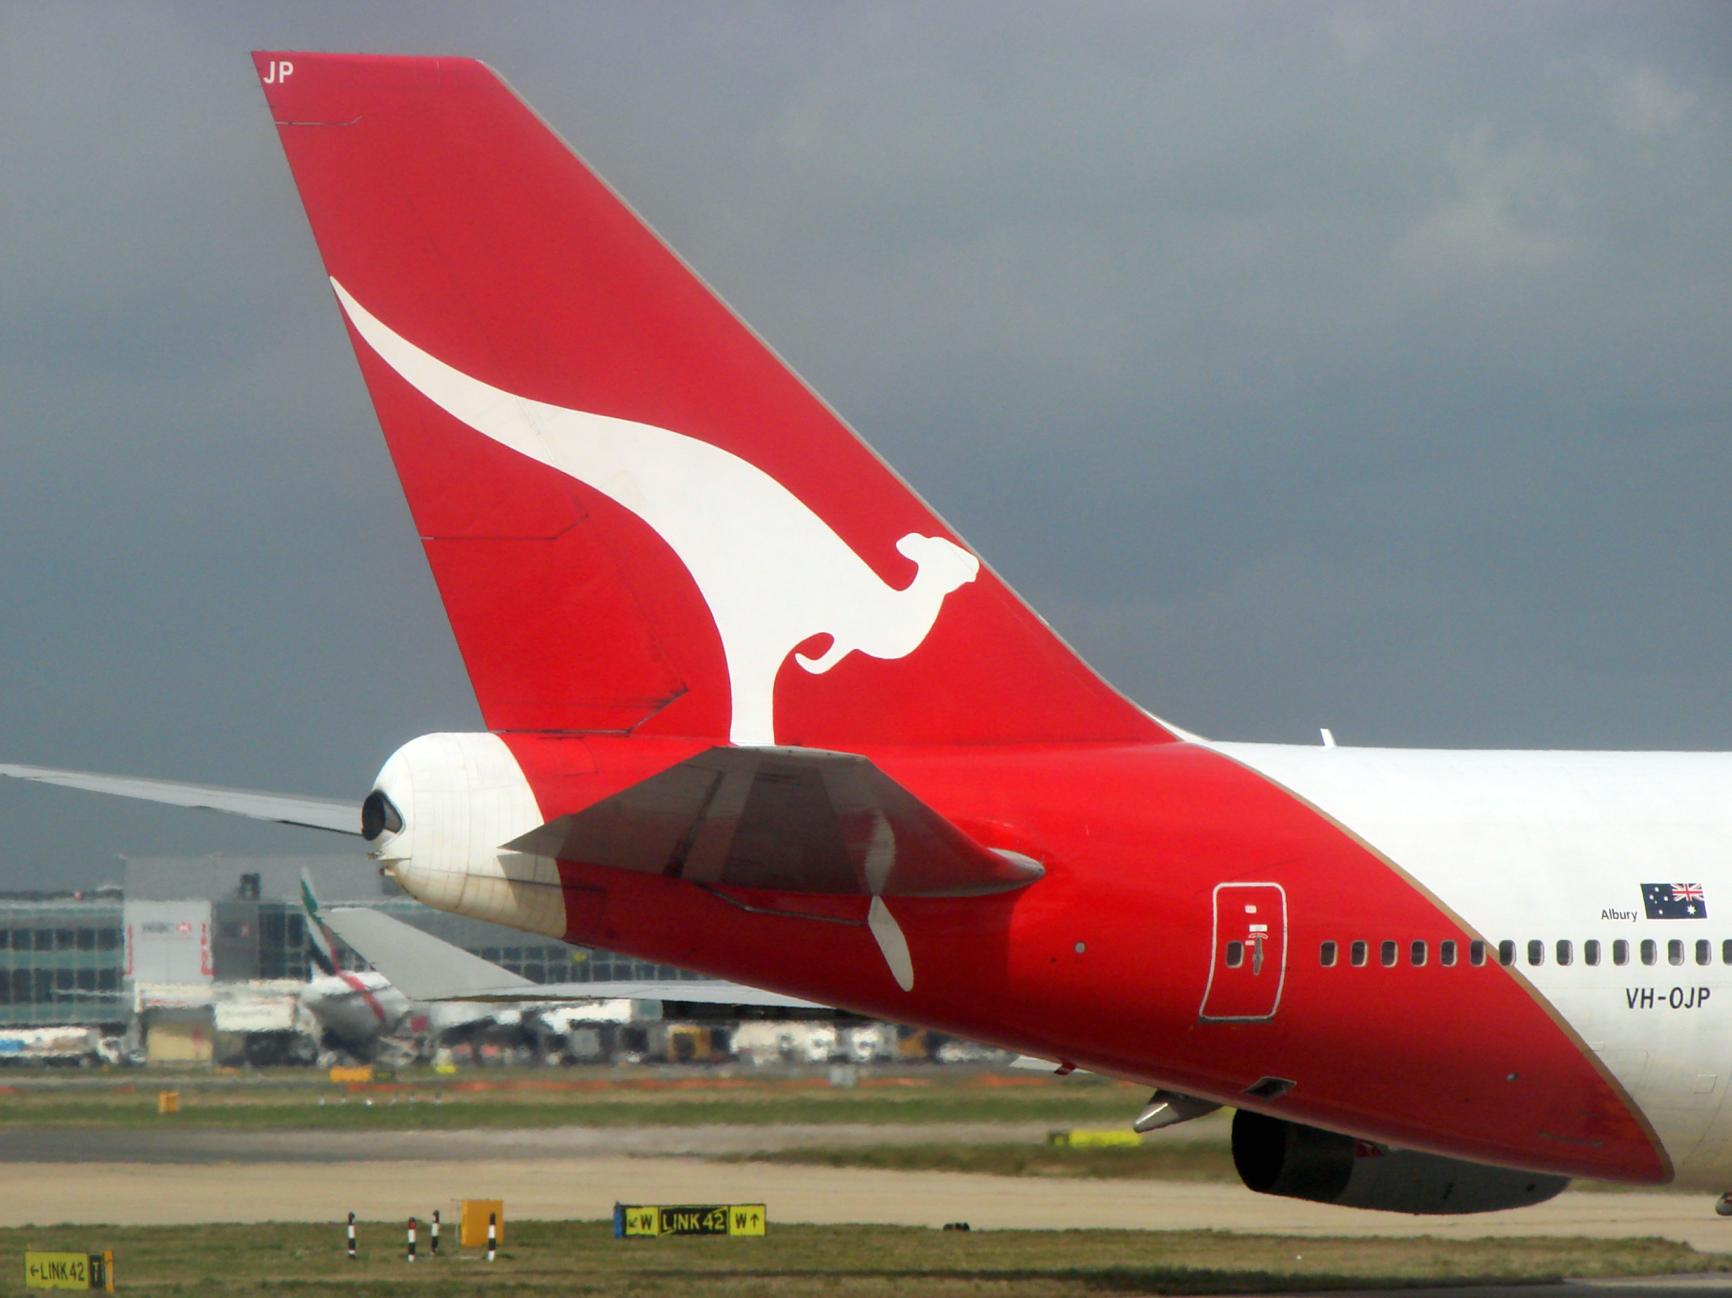 Qantas tail E.Moura